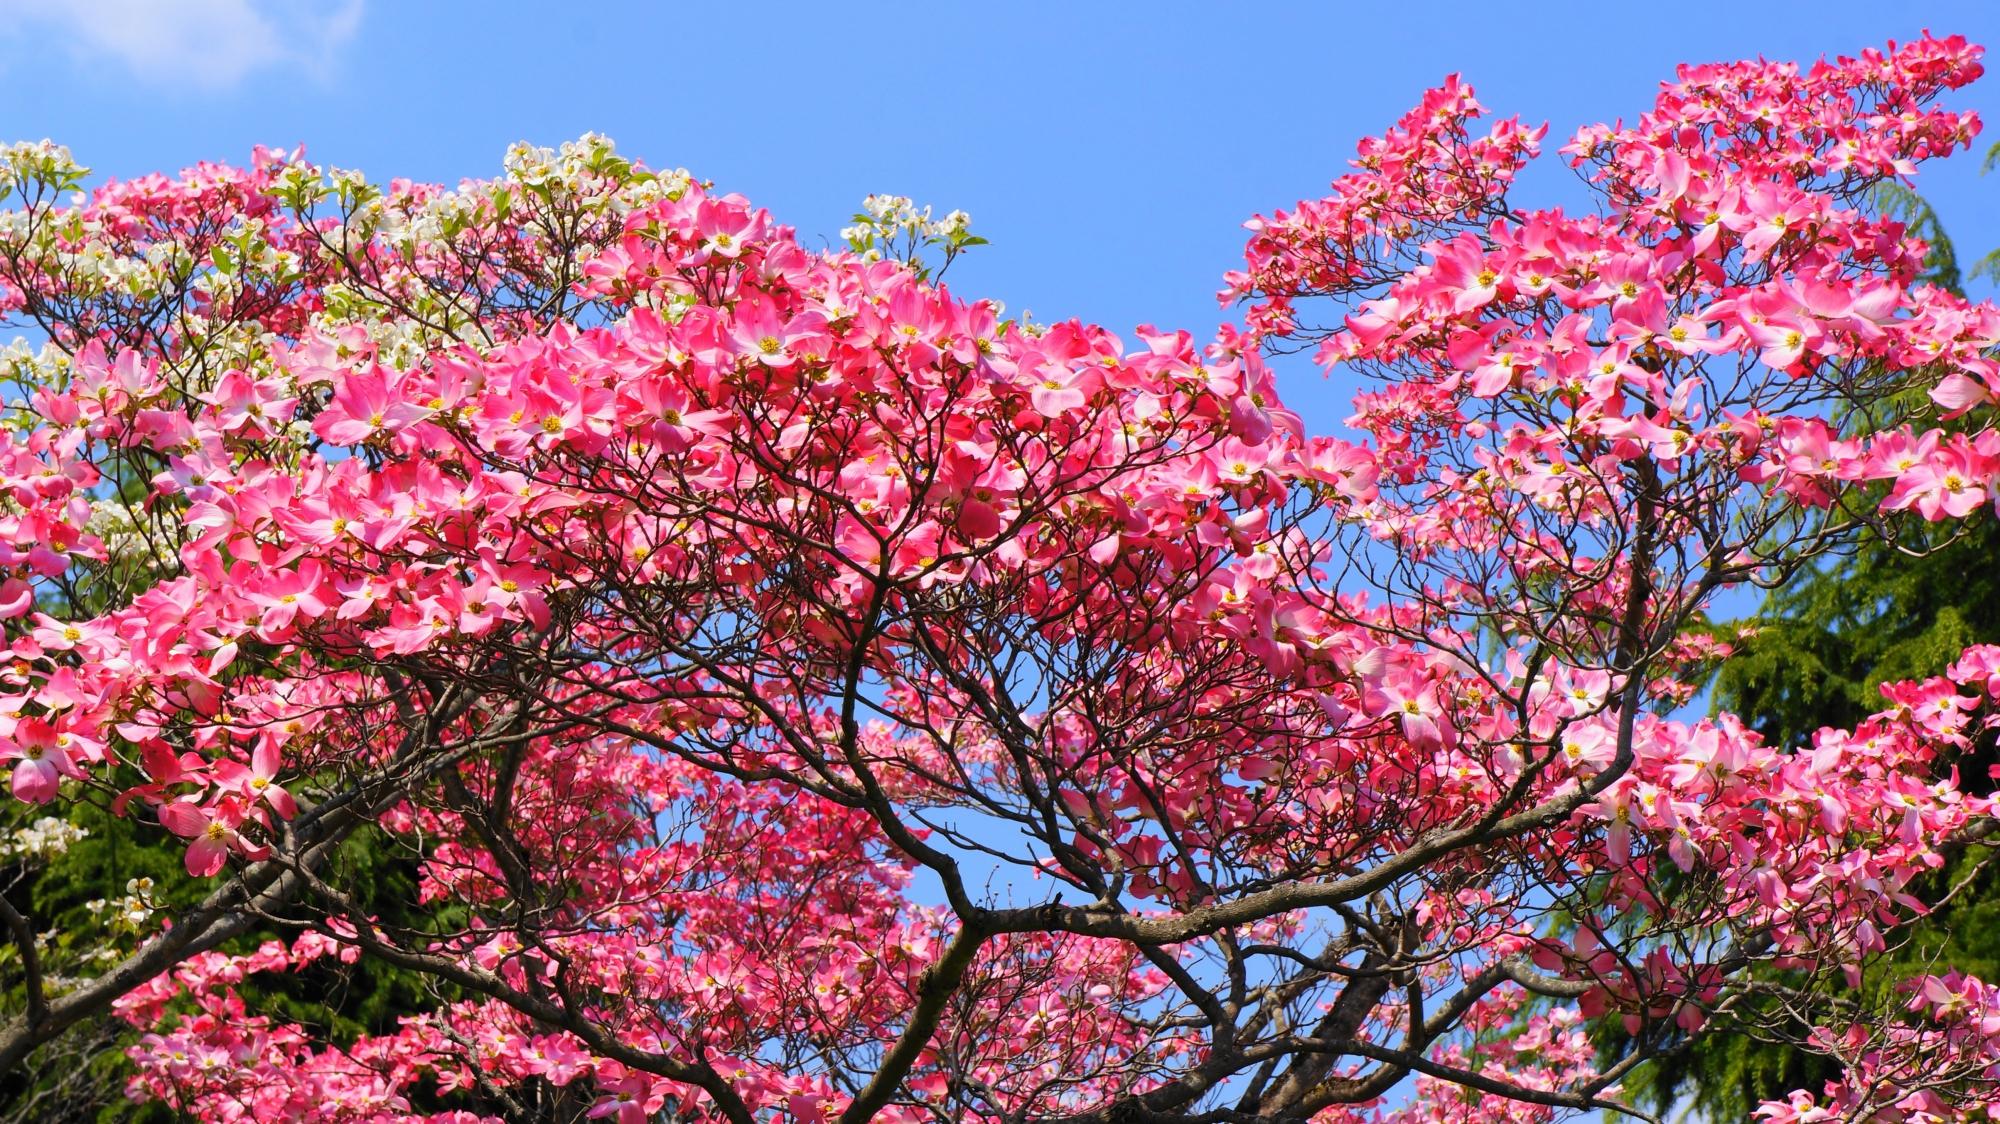 青空に映える煌くピンクのハナミズキ